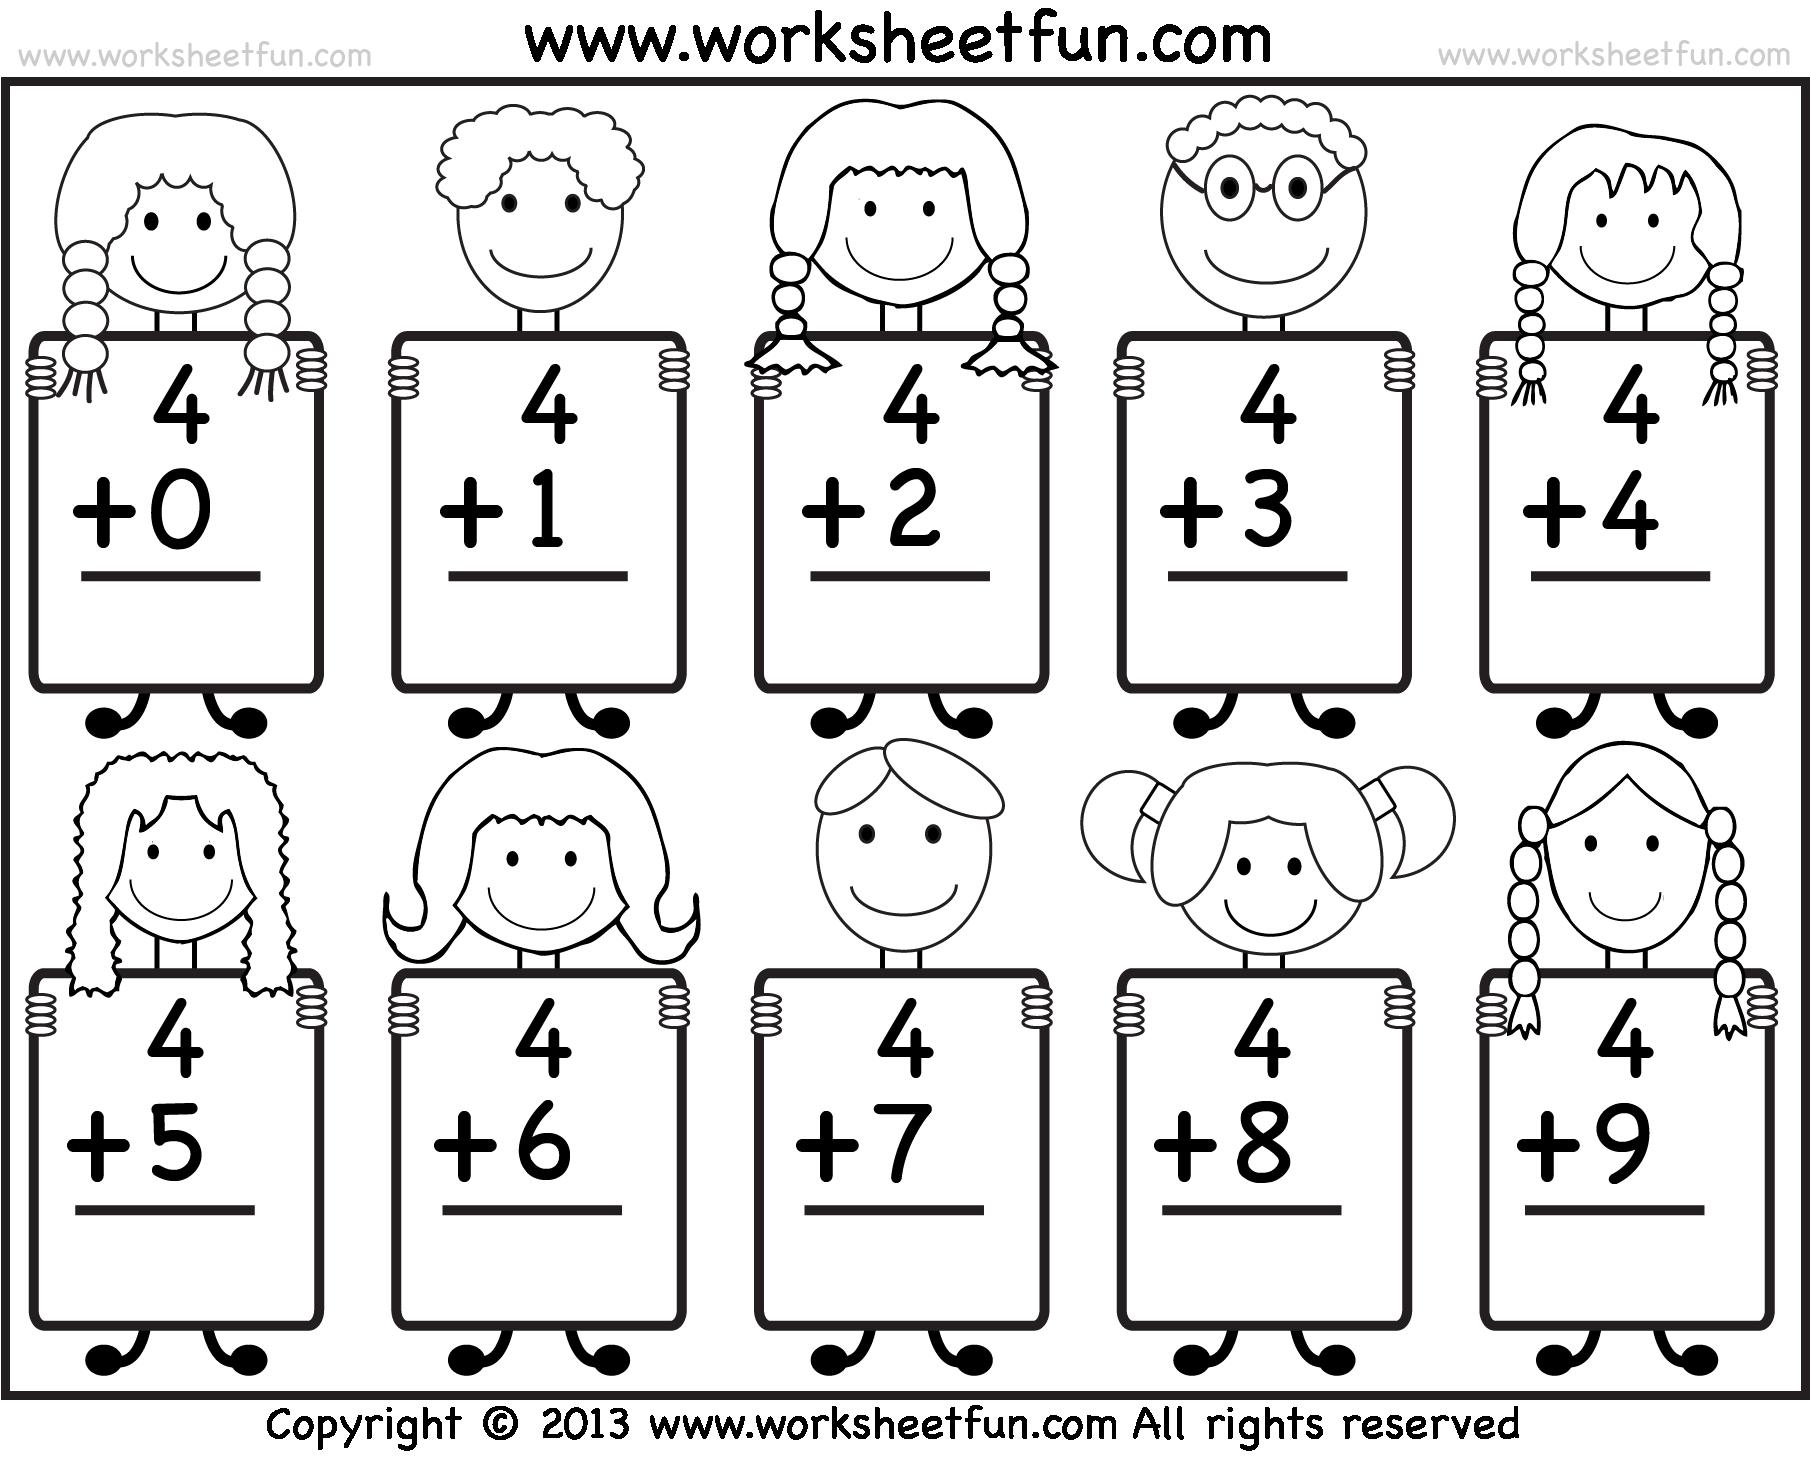 Printable Addition Worksheets For Kindergarten The Best Worksheets